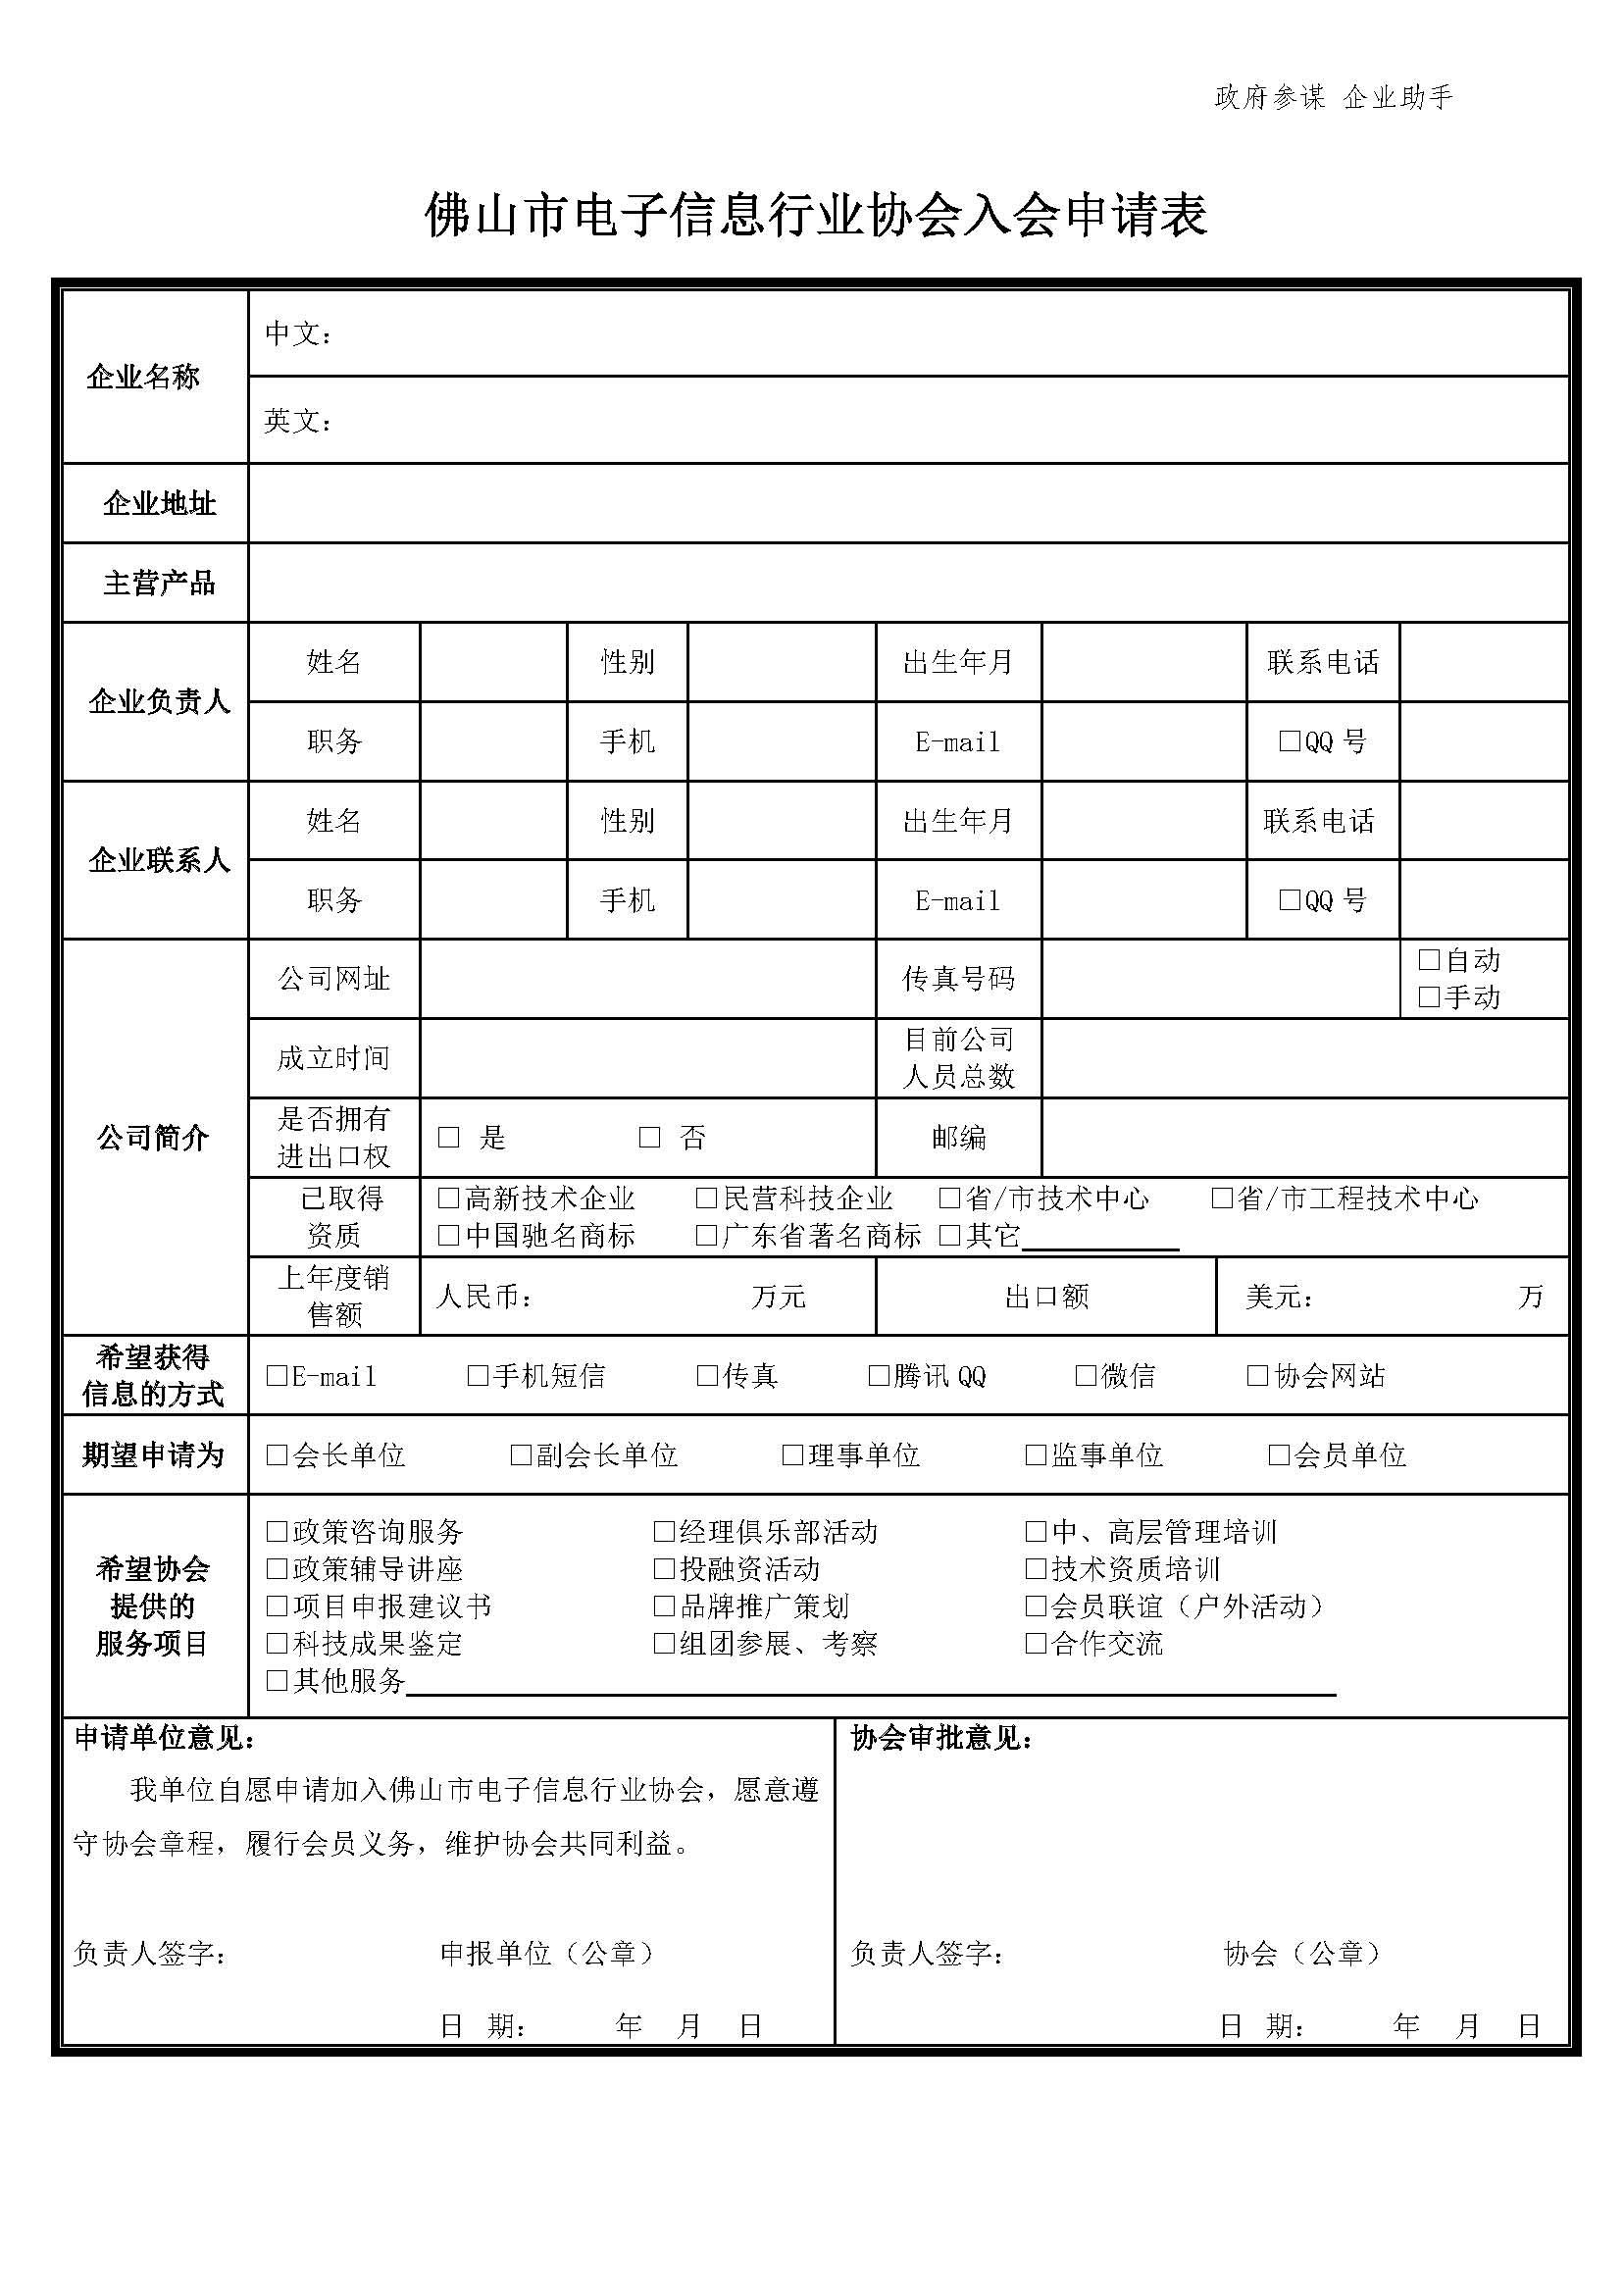 电子协会入会申请表.jpg